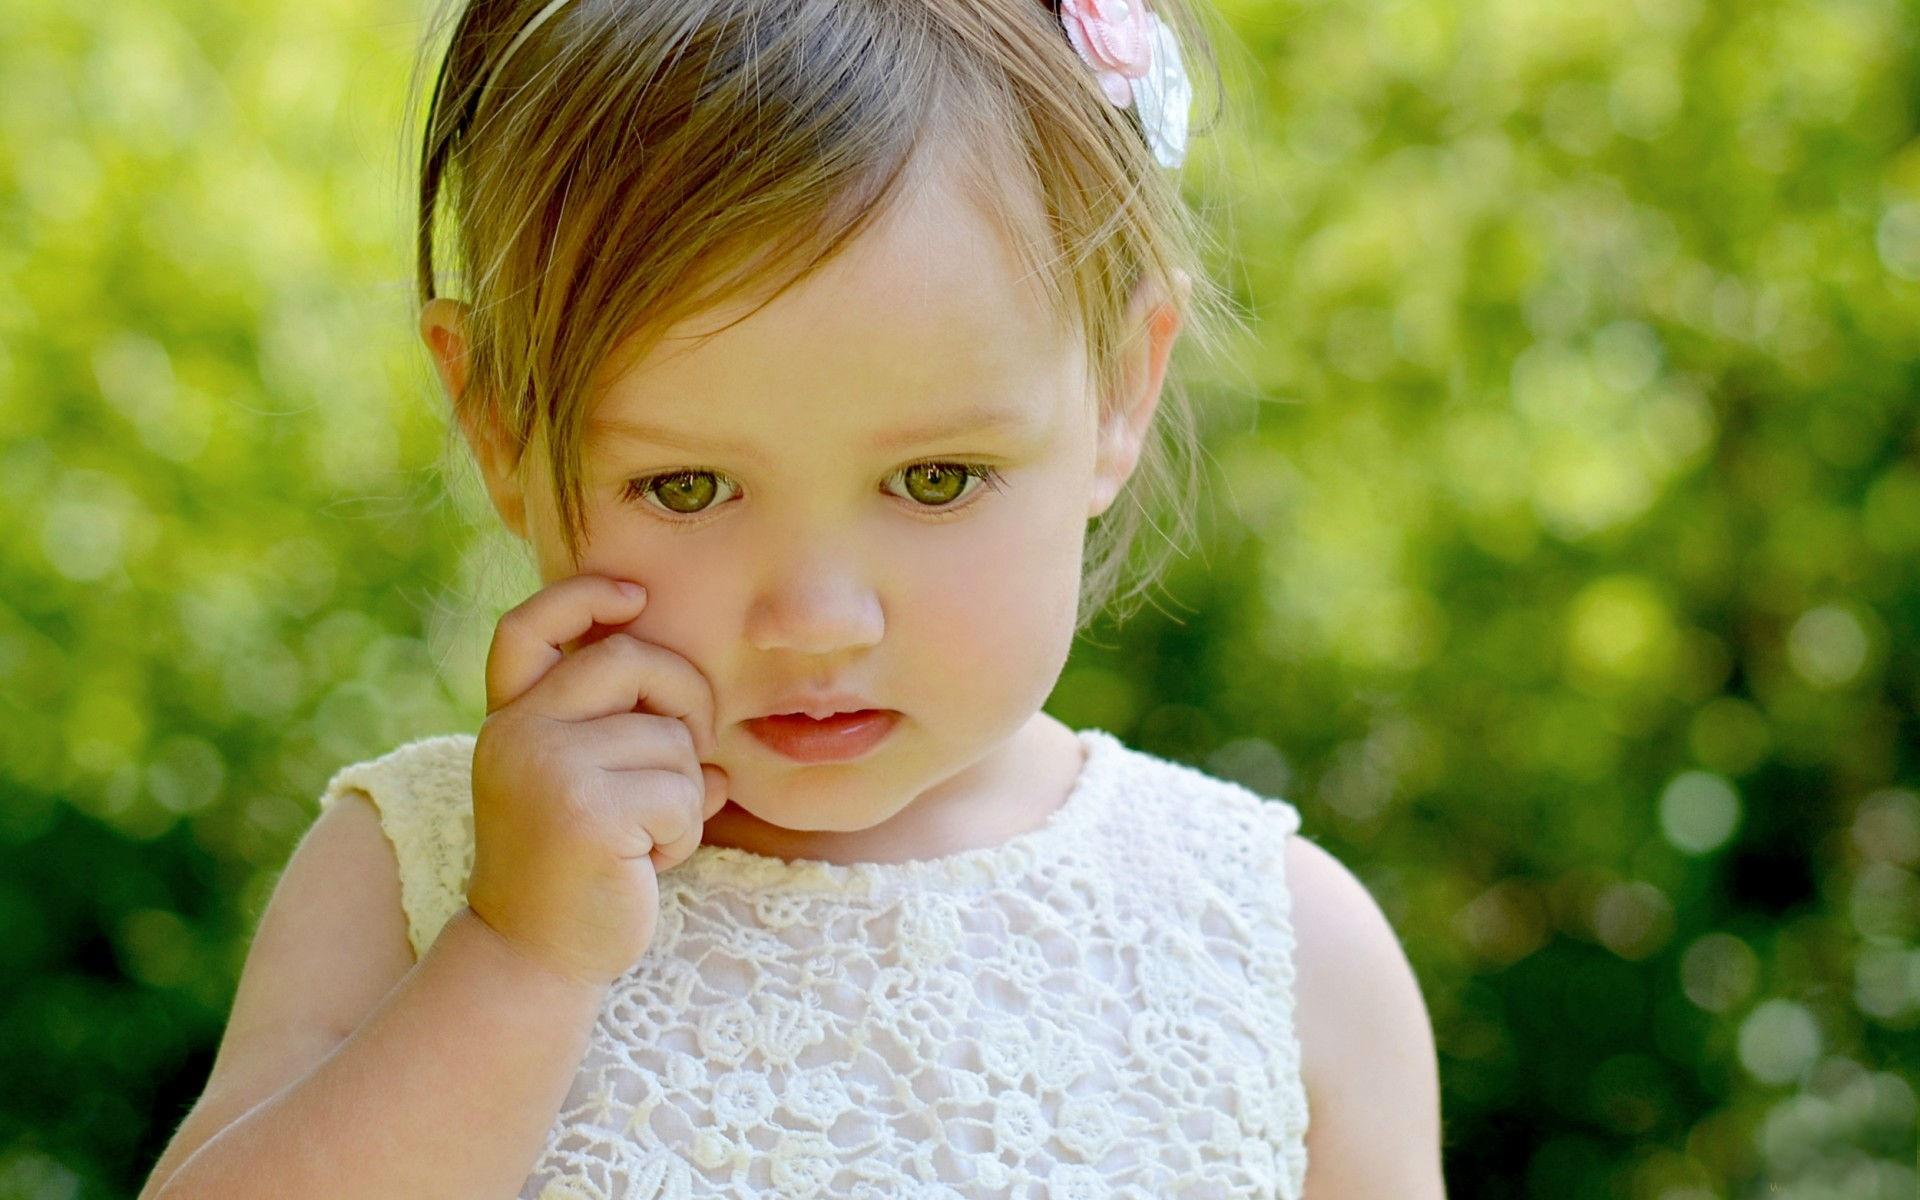 بالصور اطفال صغار يضحكون , احلى اطفال صغار يضحكون 11471 3